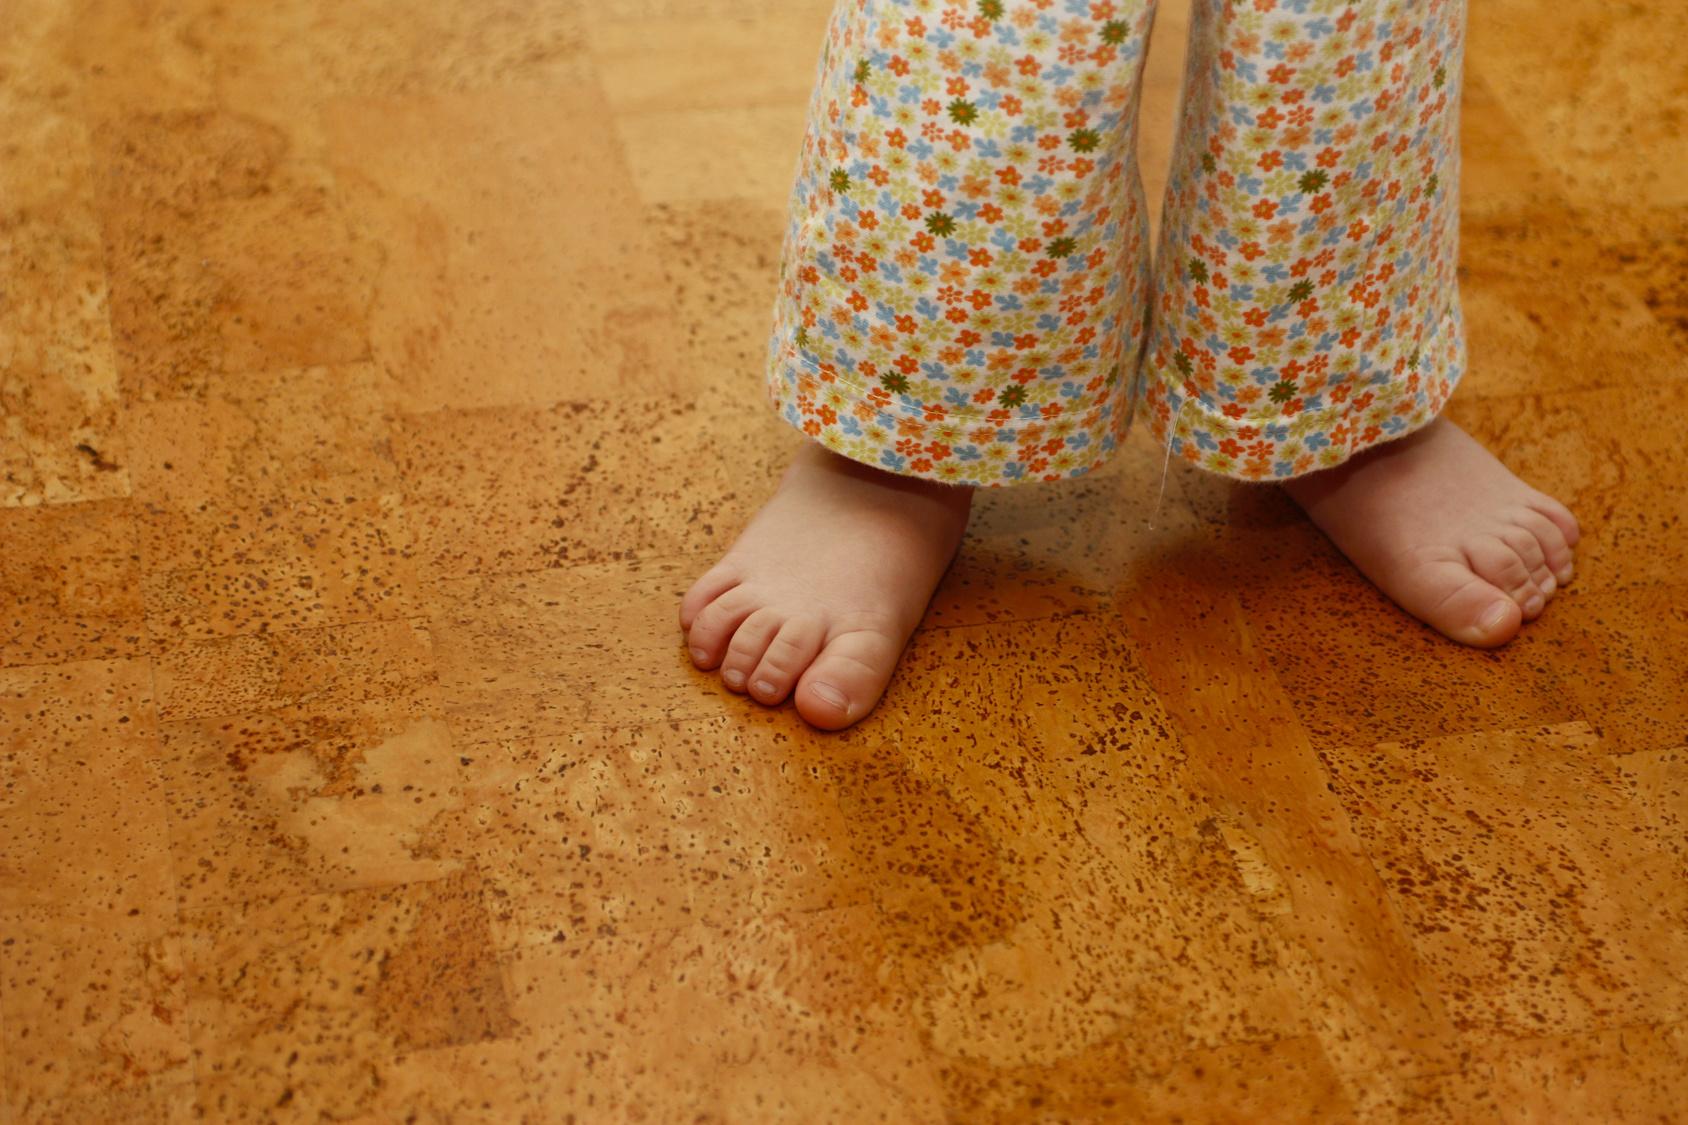 Fußboden Dämmen Mit Kork ~ Qualität auf dem fußboden u mit dem kork logo wellinger gmbh